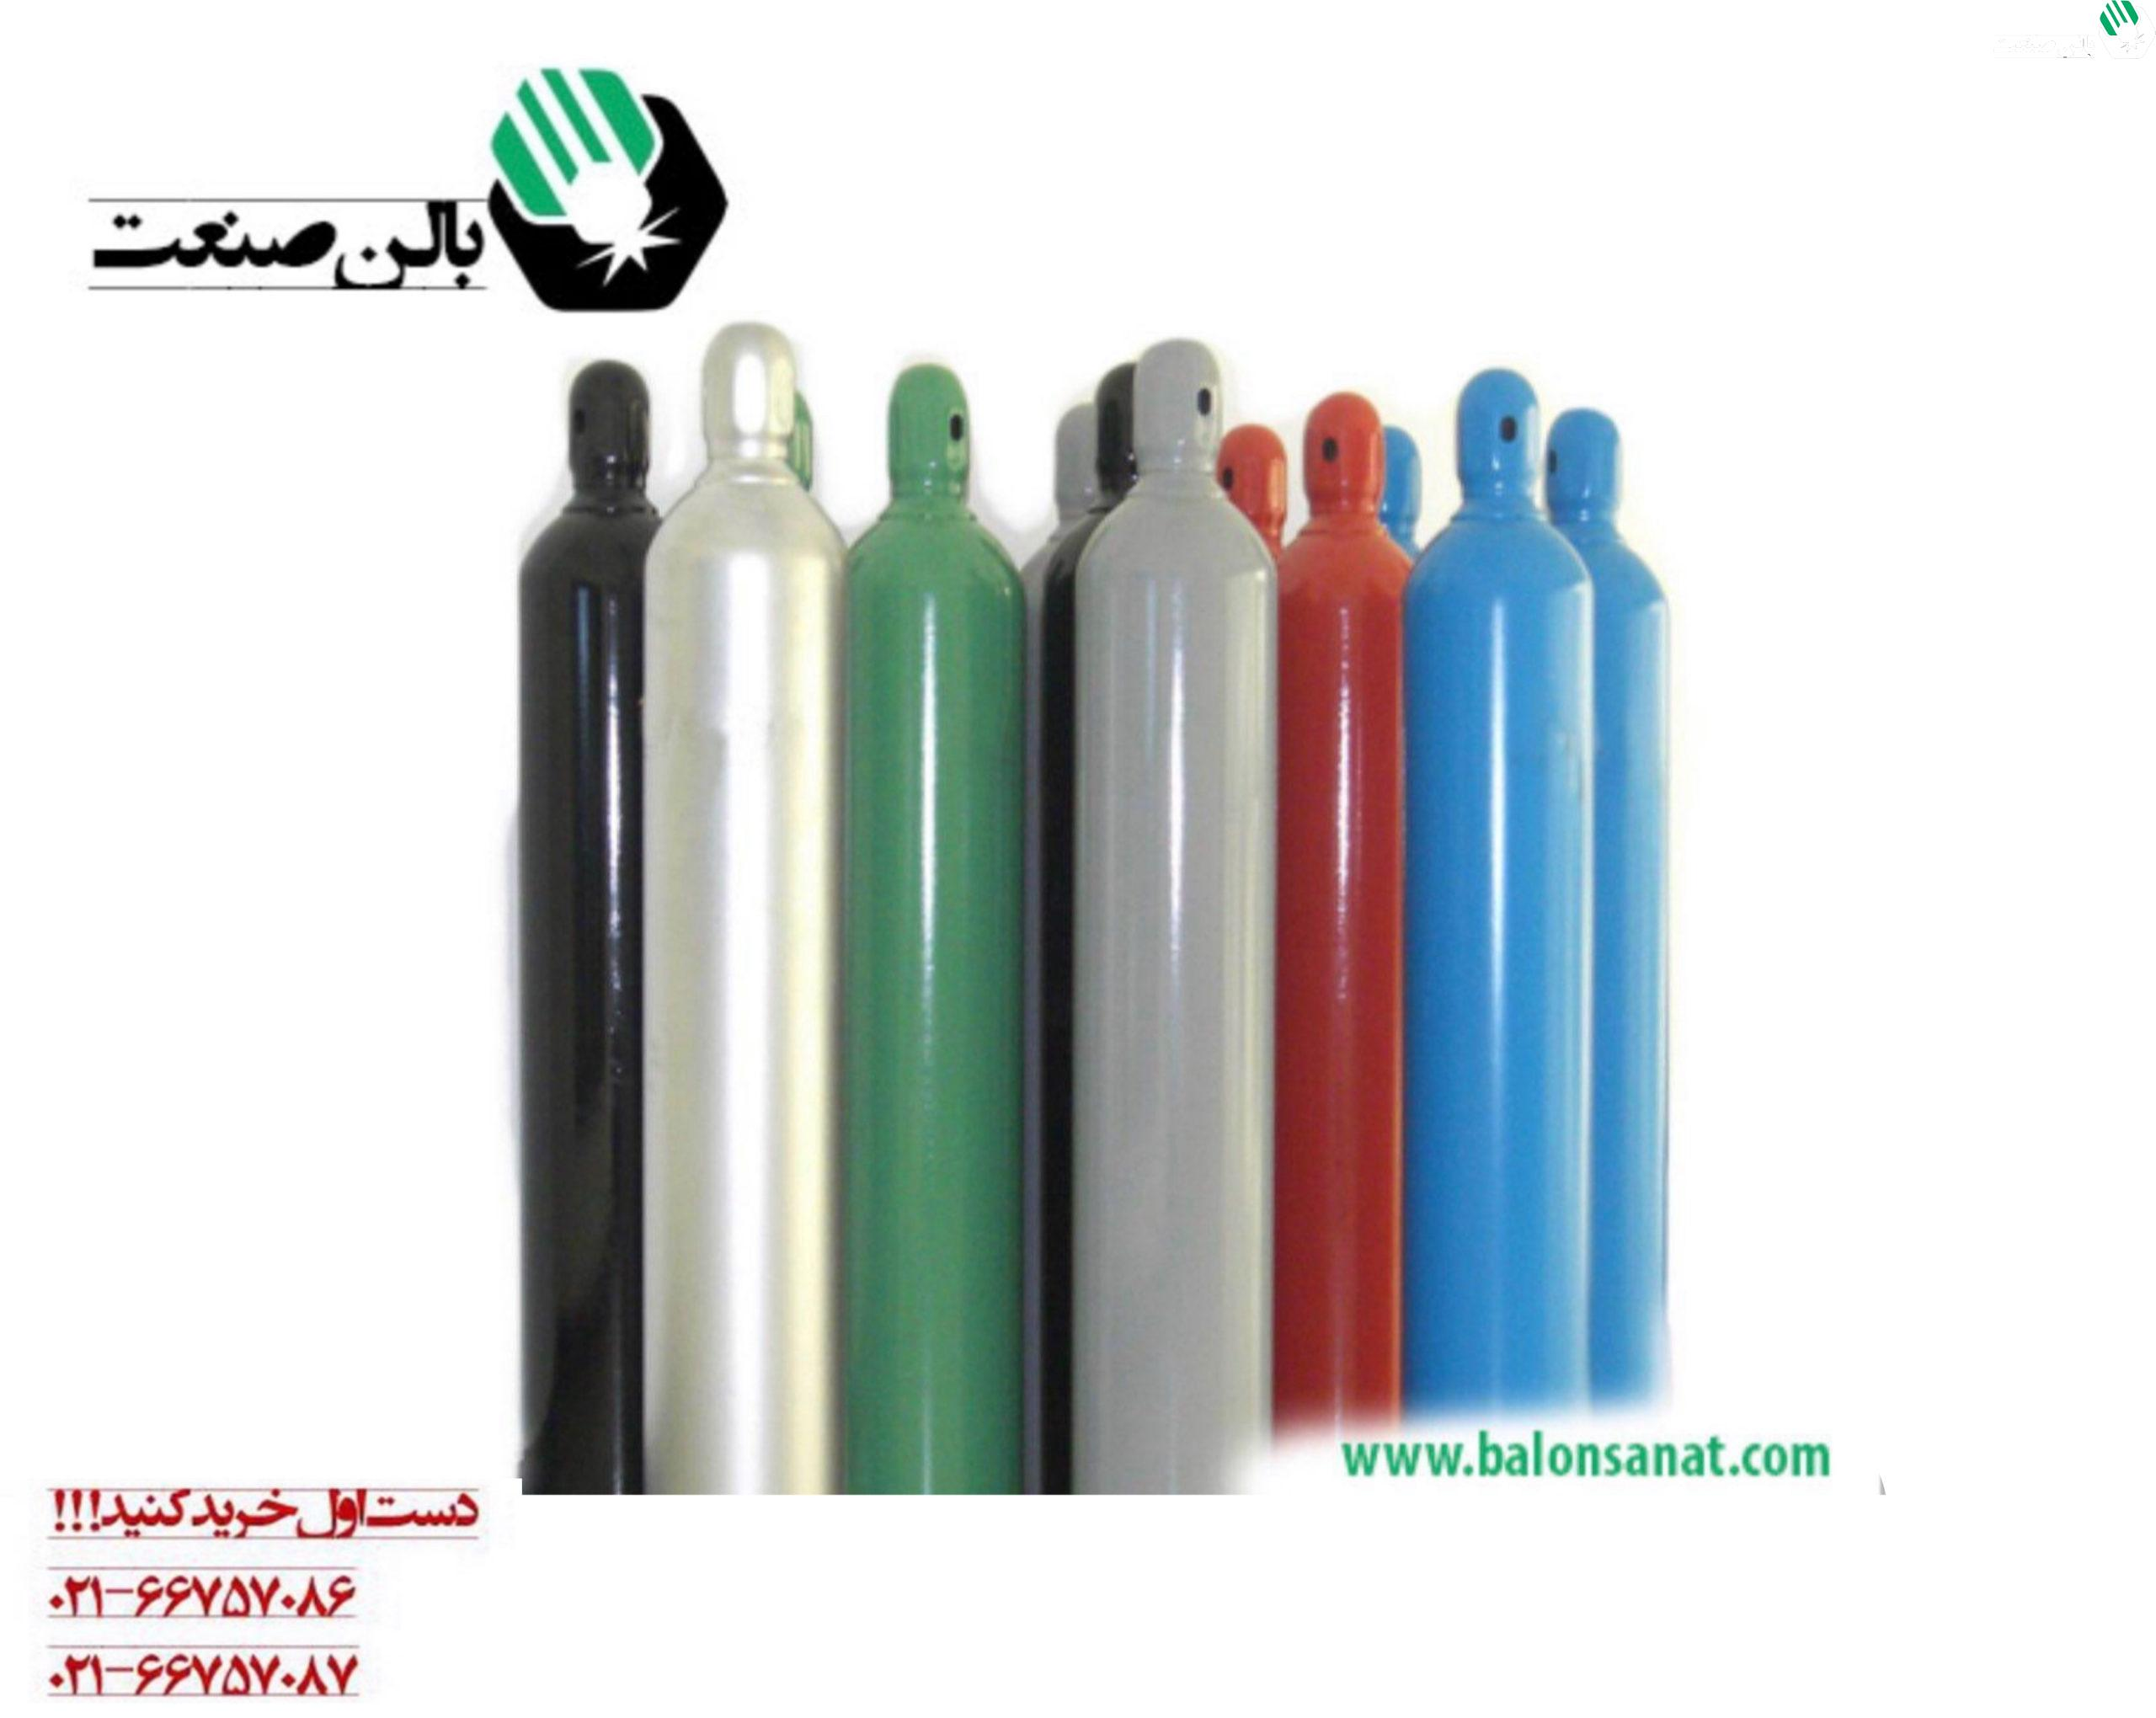 کپسول اکسیژن چیست؟